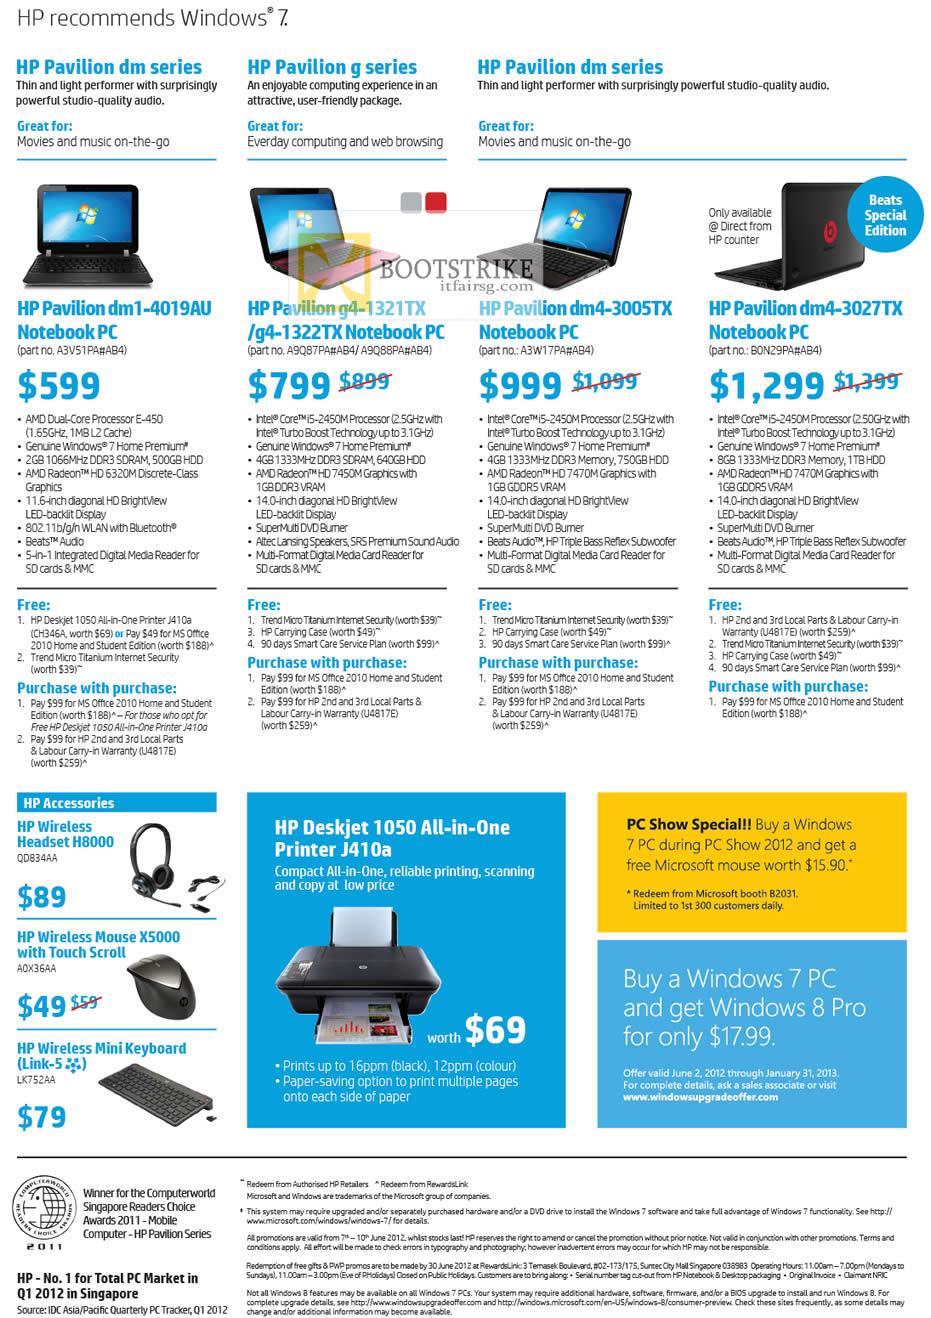 PC SHOW 2012 price list image brochure of HP Notebooks Pavilion Dm1-4019au, G4-1321tx, G4-1322tx, Dm4-3005tx, Dm4-3027tx, Headset H8000, Mouse X5000